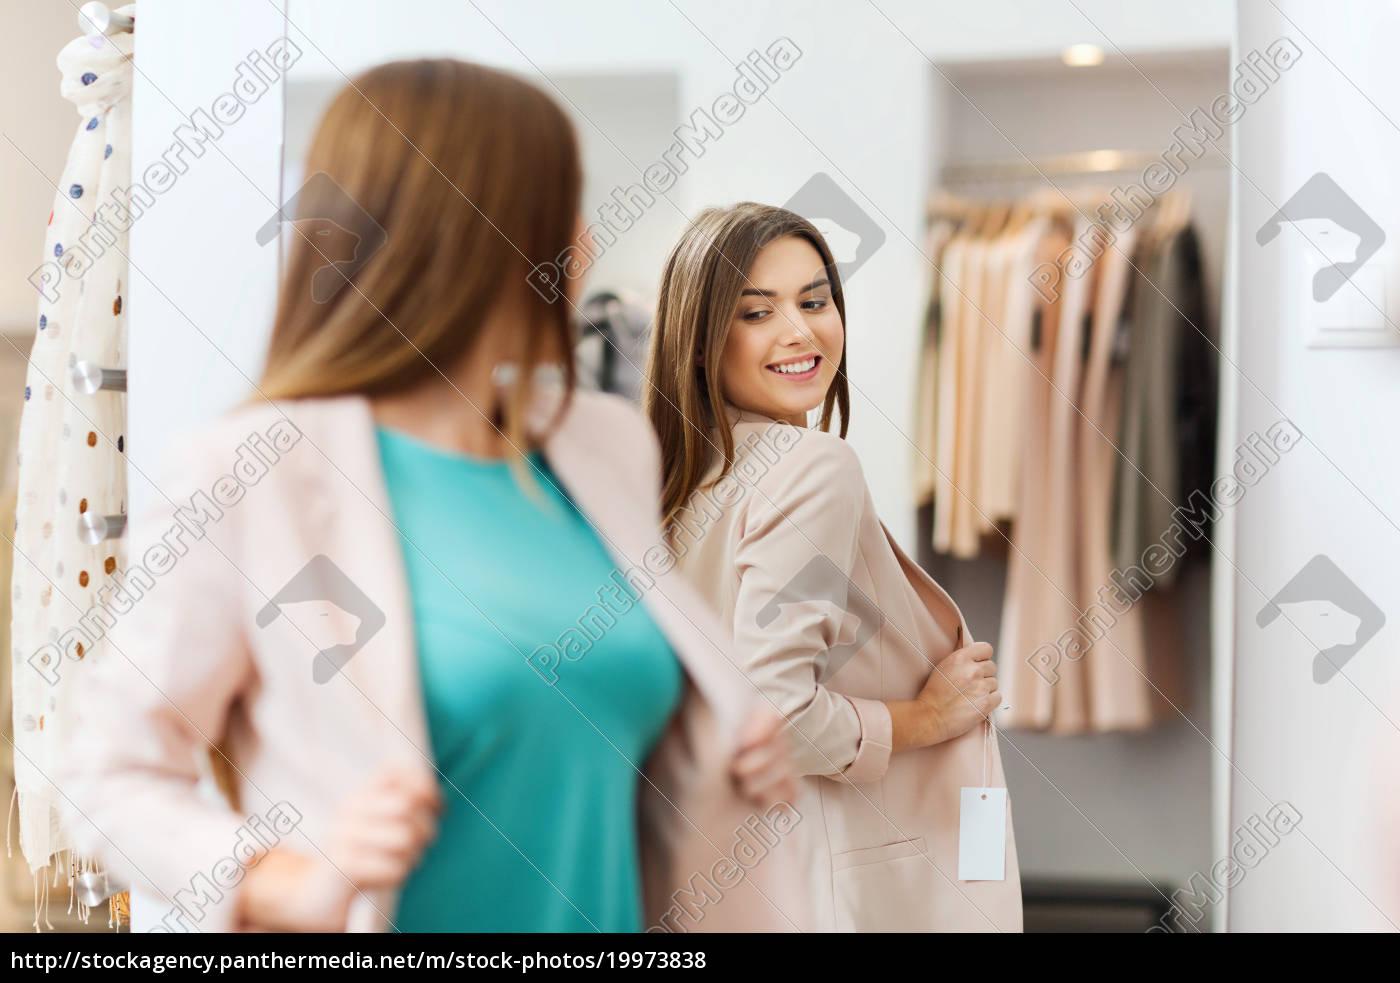 glückliche, frau, am, spiegel, in, bekleidungsgeschäft - 19973838